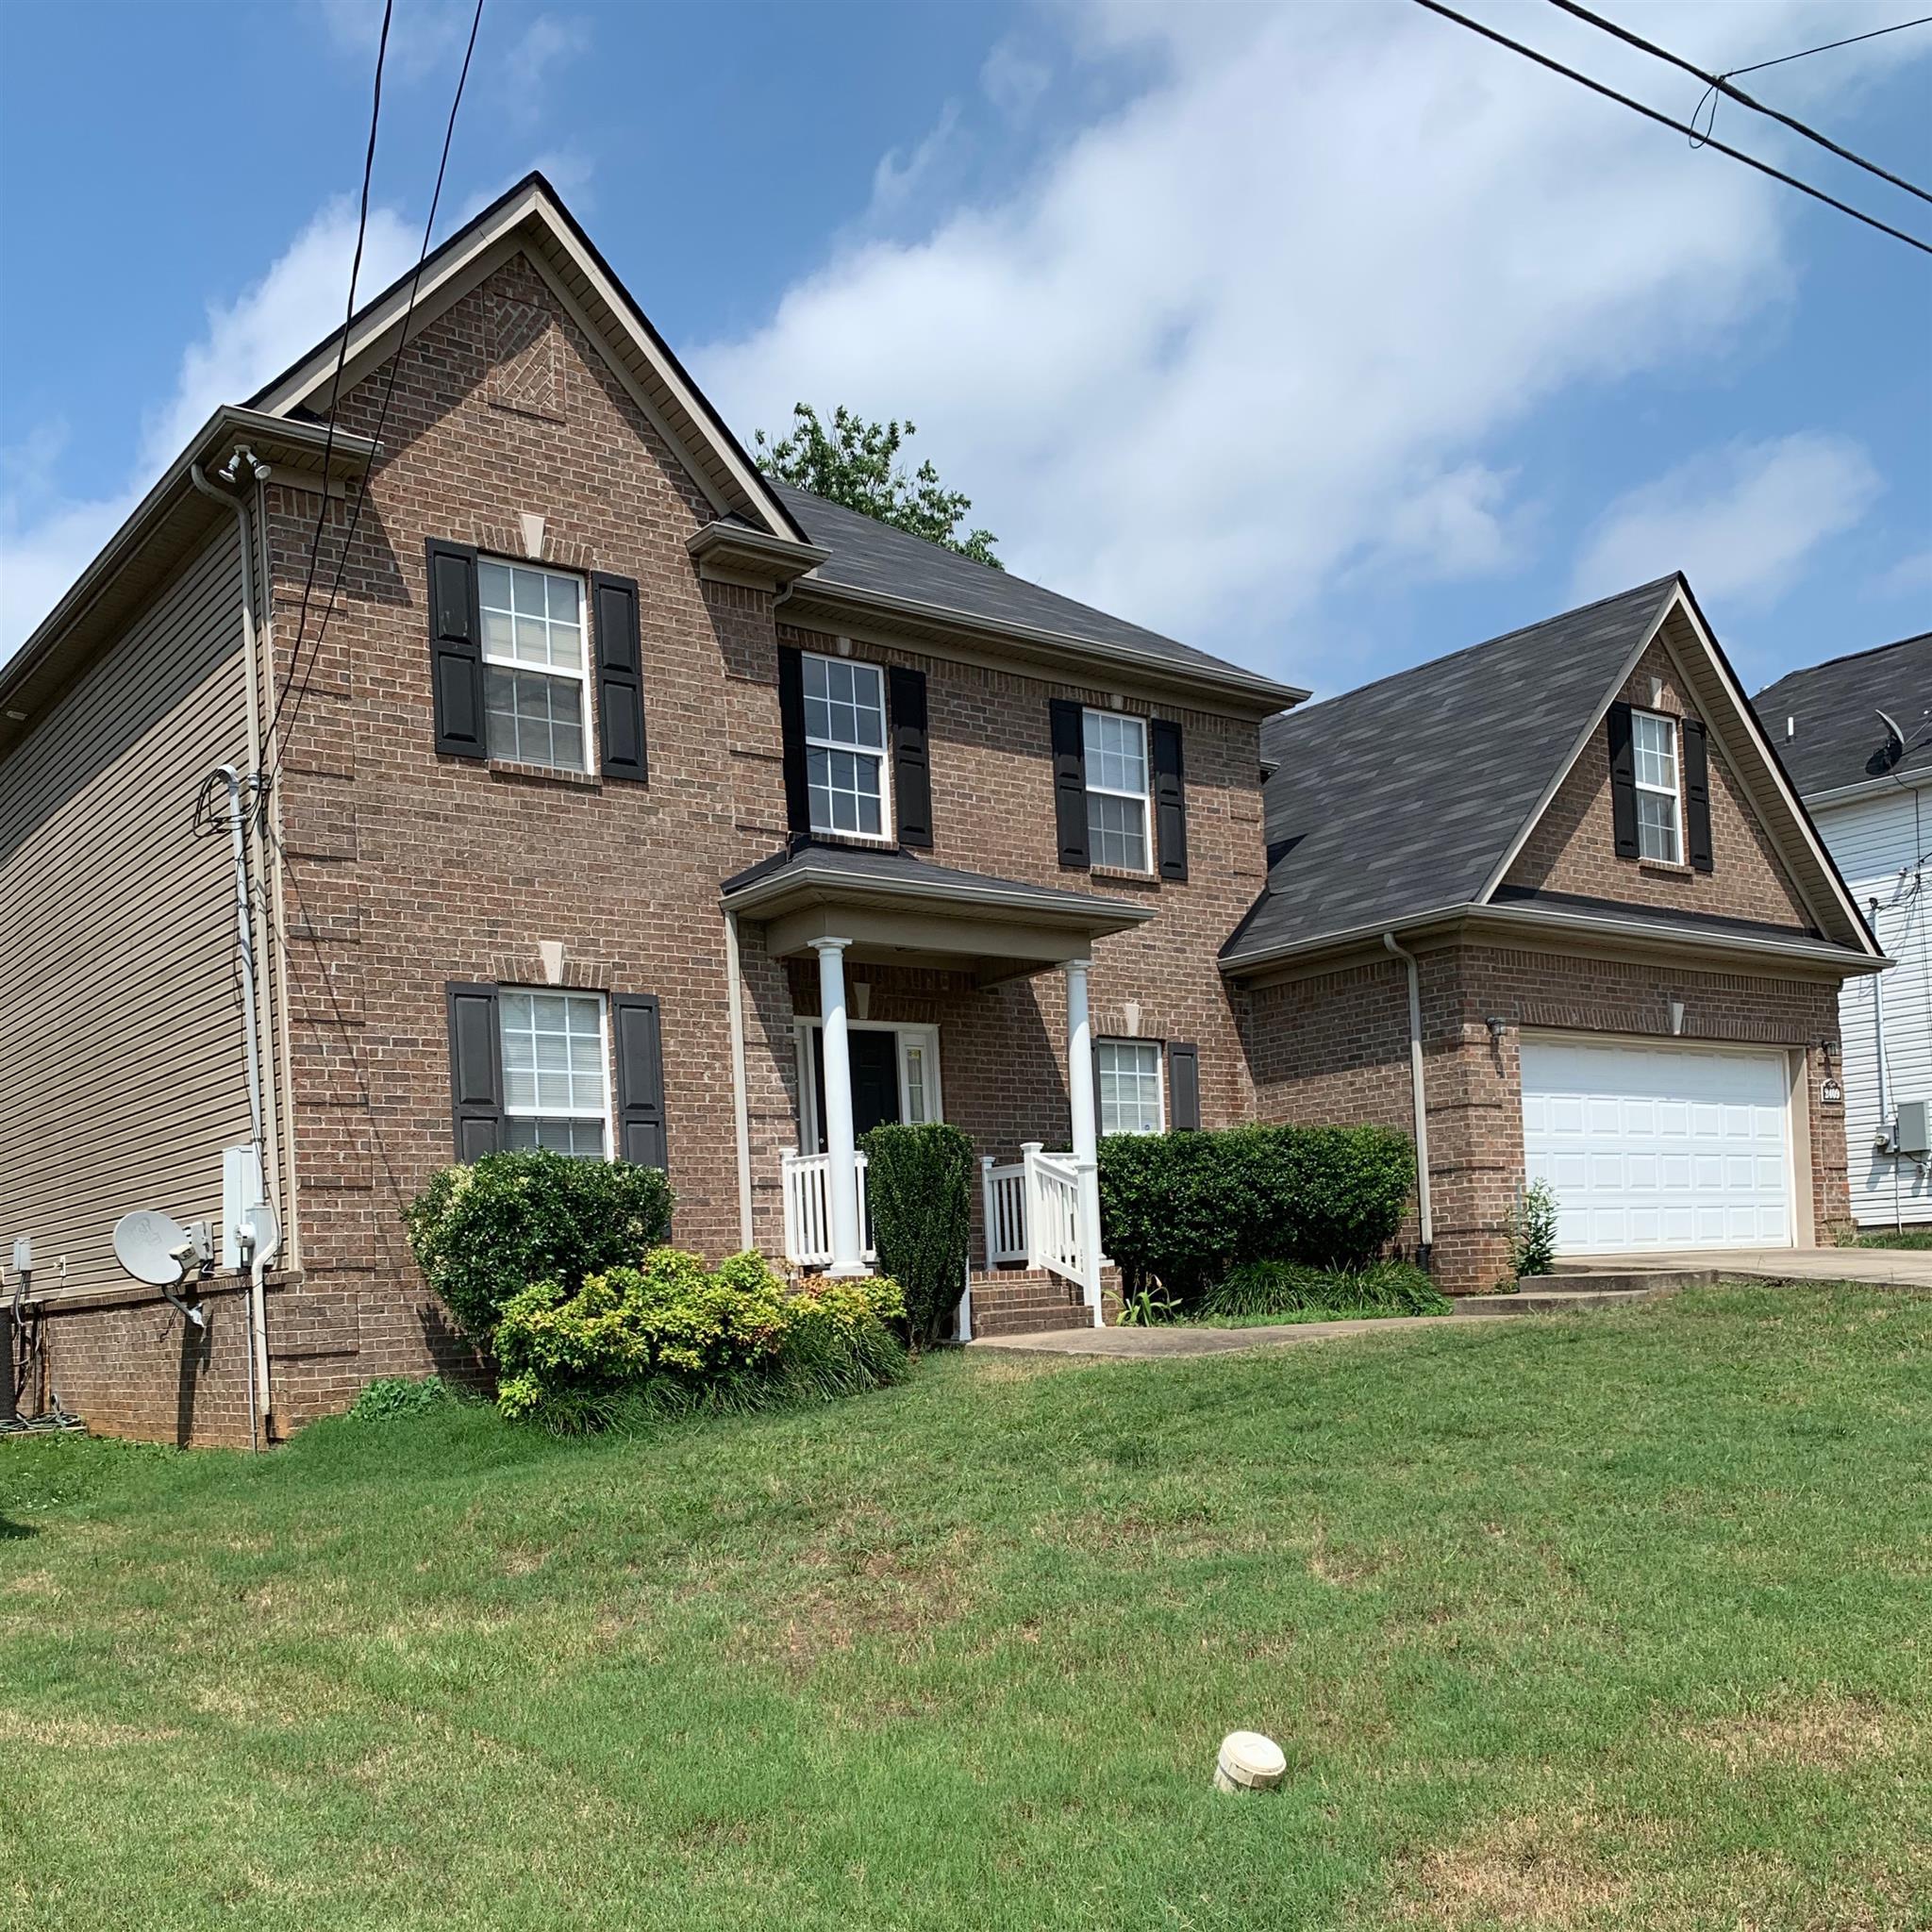 2409 Haskell Dr, Antioch, TN 37013 - Antioch, TN real estate listing